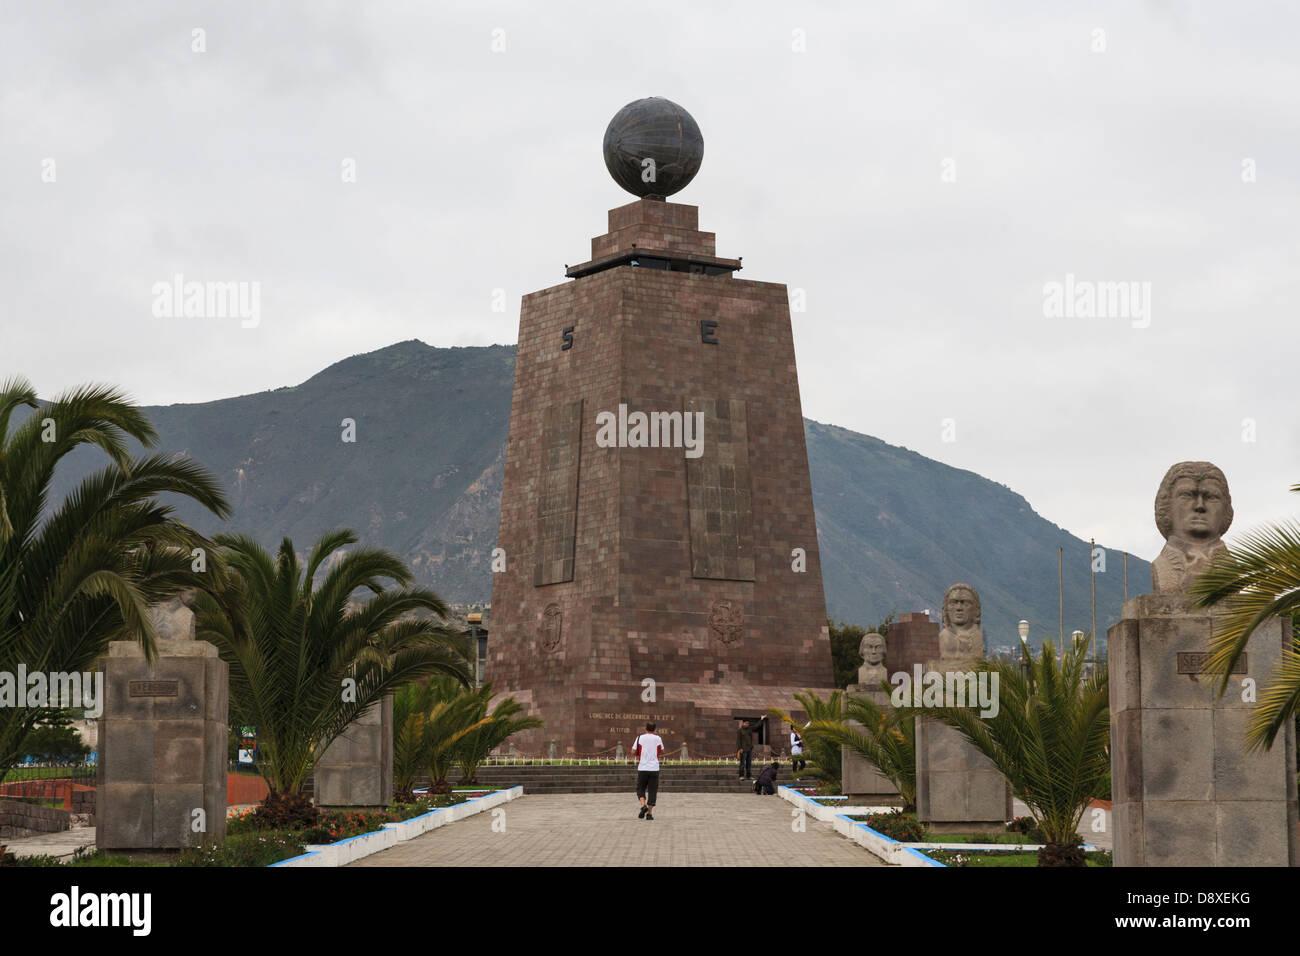 Mitad del Mundo, Monument, Marking the Equatorial Line, Near Quito, Ecuador - Stock Image